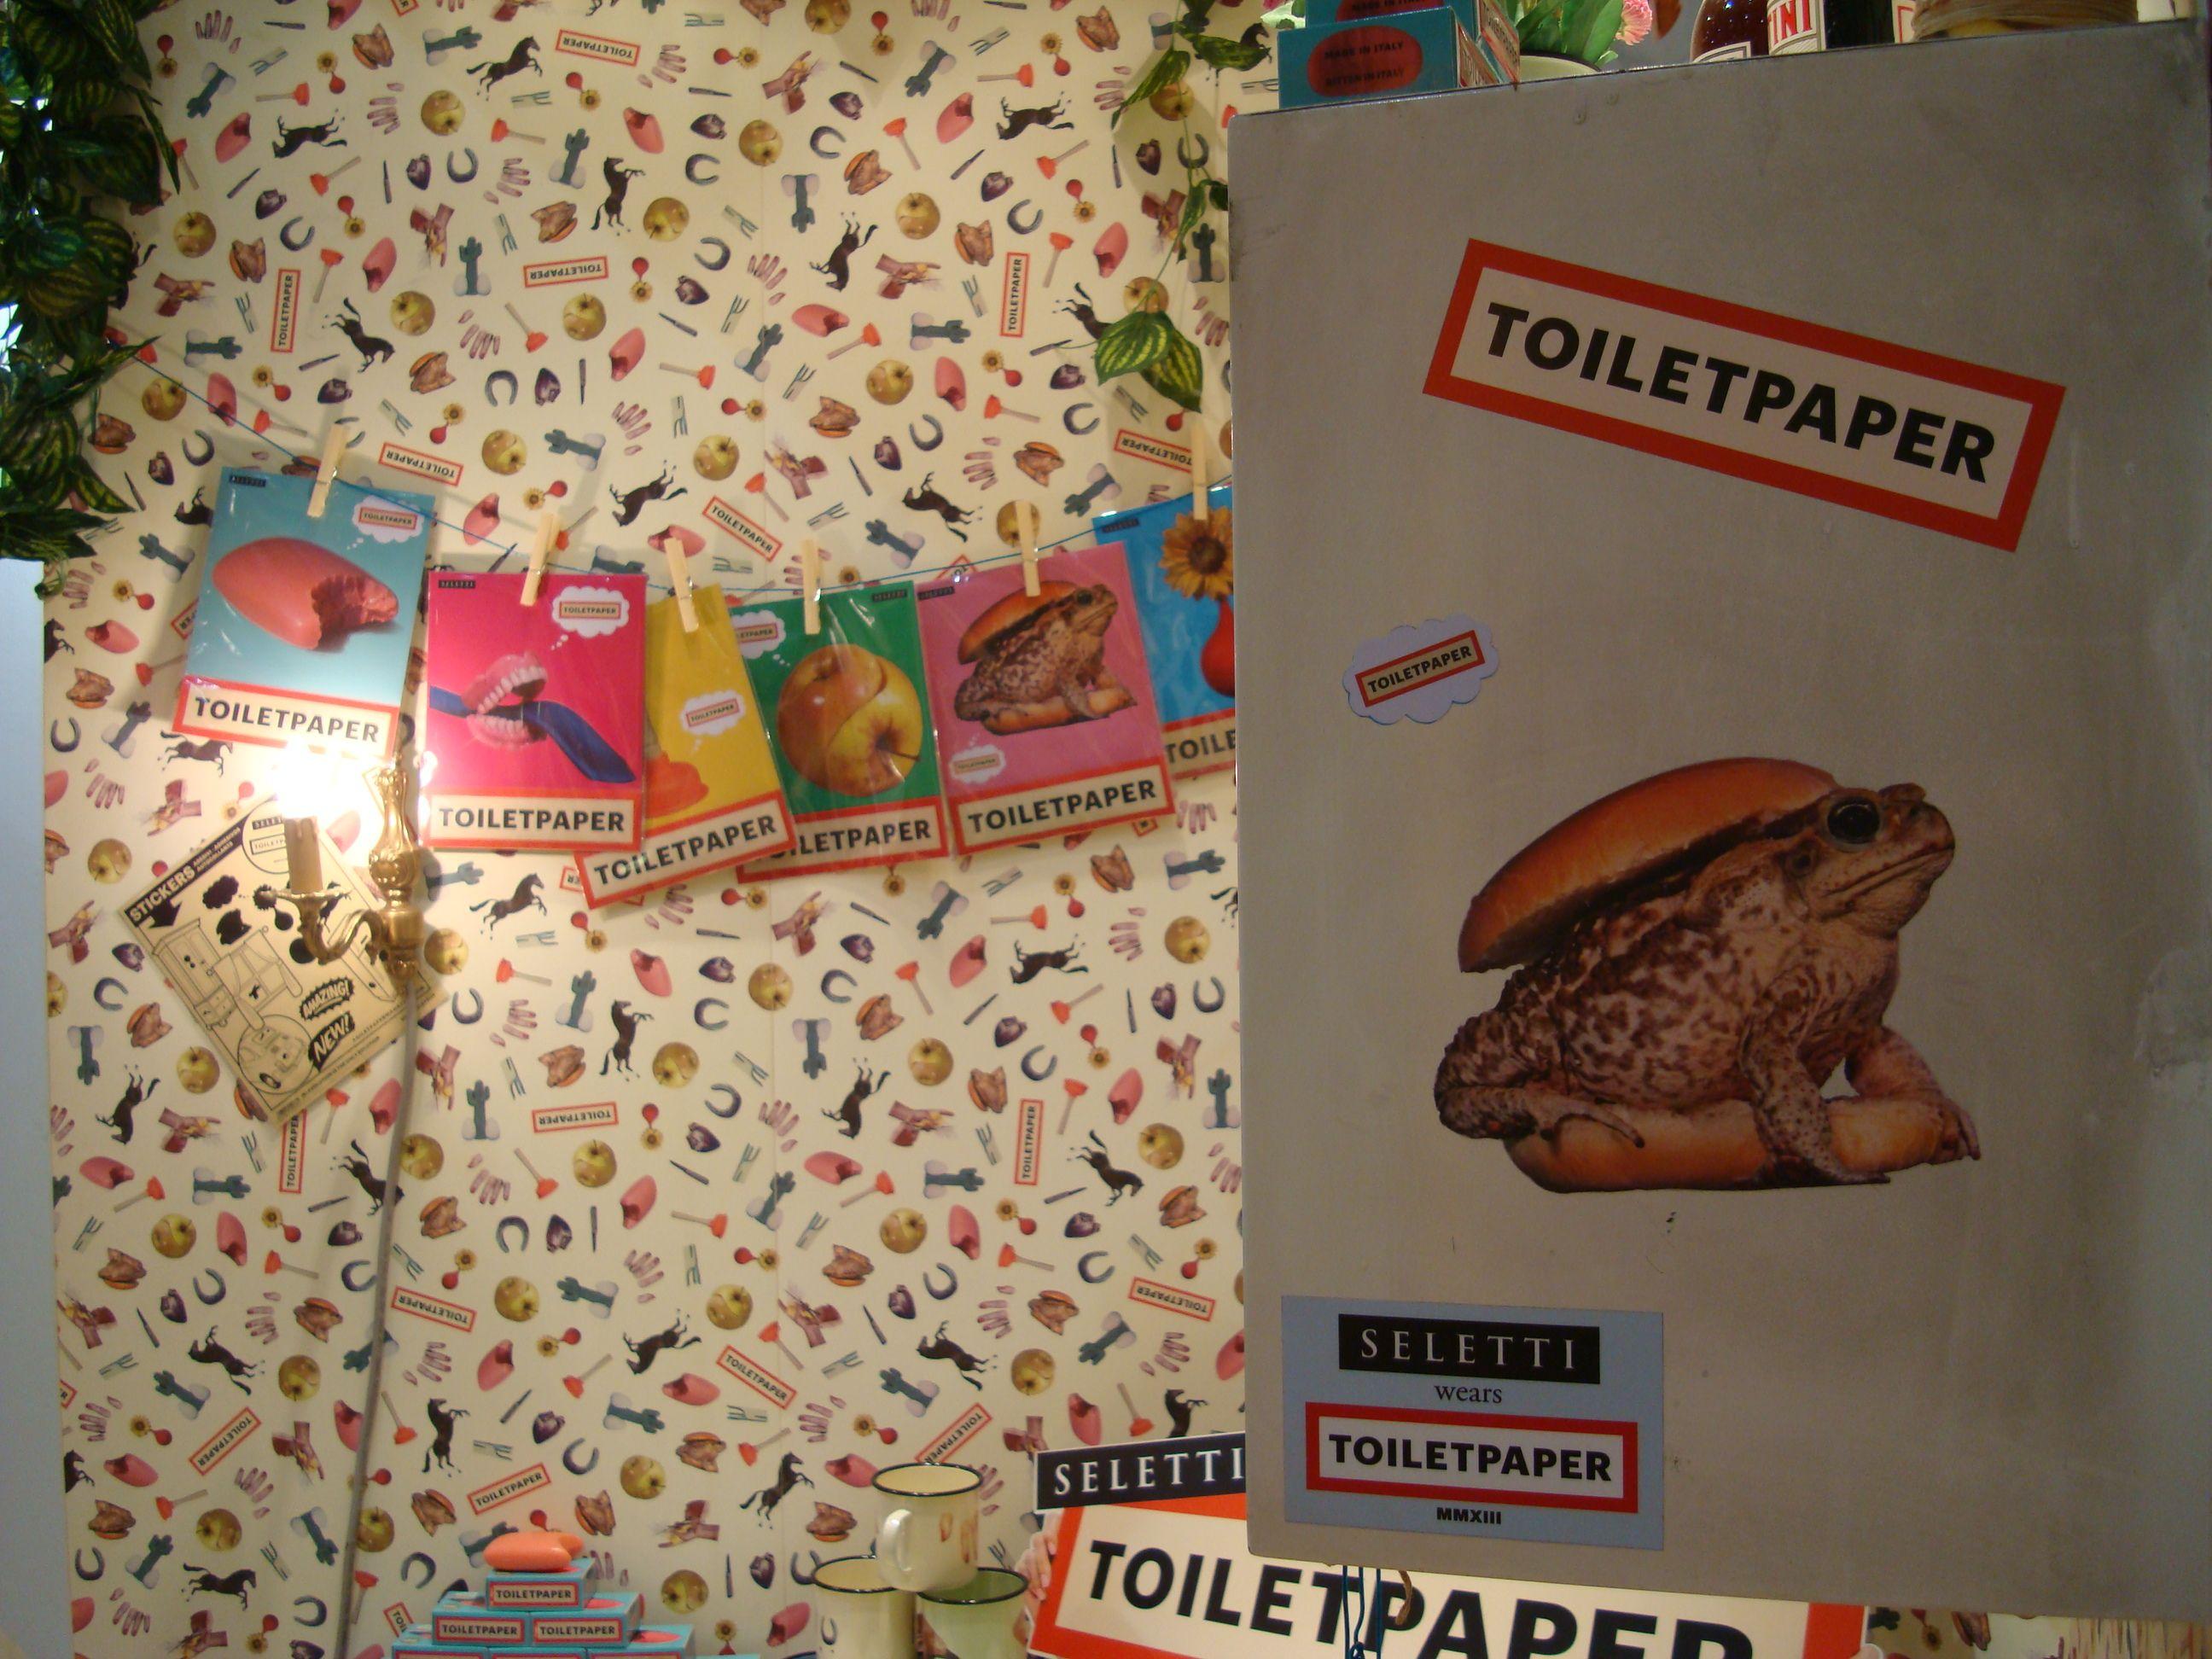 L'étonnante et détonante collection Toiletpaper de Seletti, à découvrir ici : http://www.uaredesign.com/catalogsearch/result/?q=toiletpaper #toiletpaper #seletti #uaredesign #mugs #assiette #vaisselle #nappe